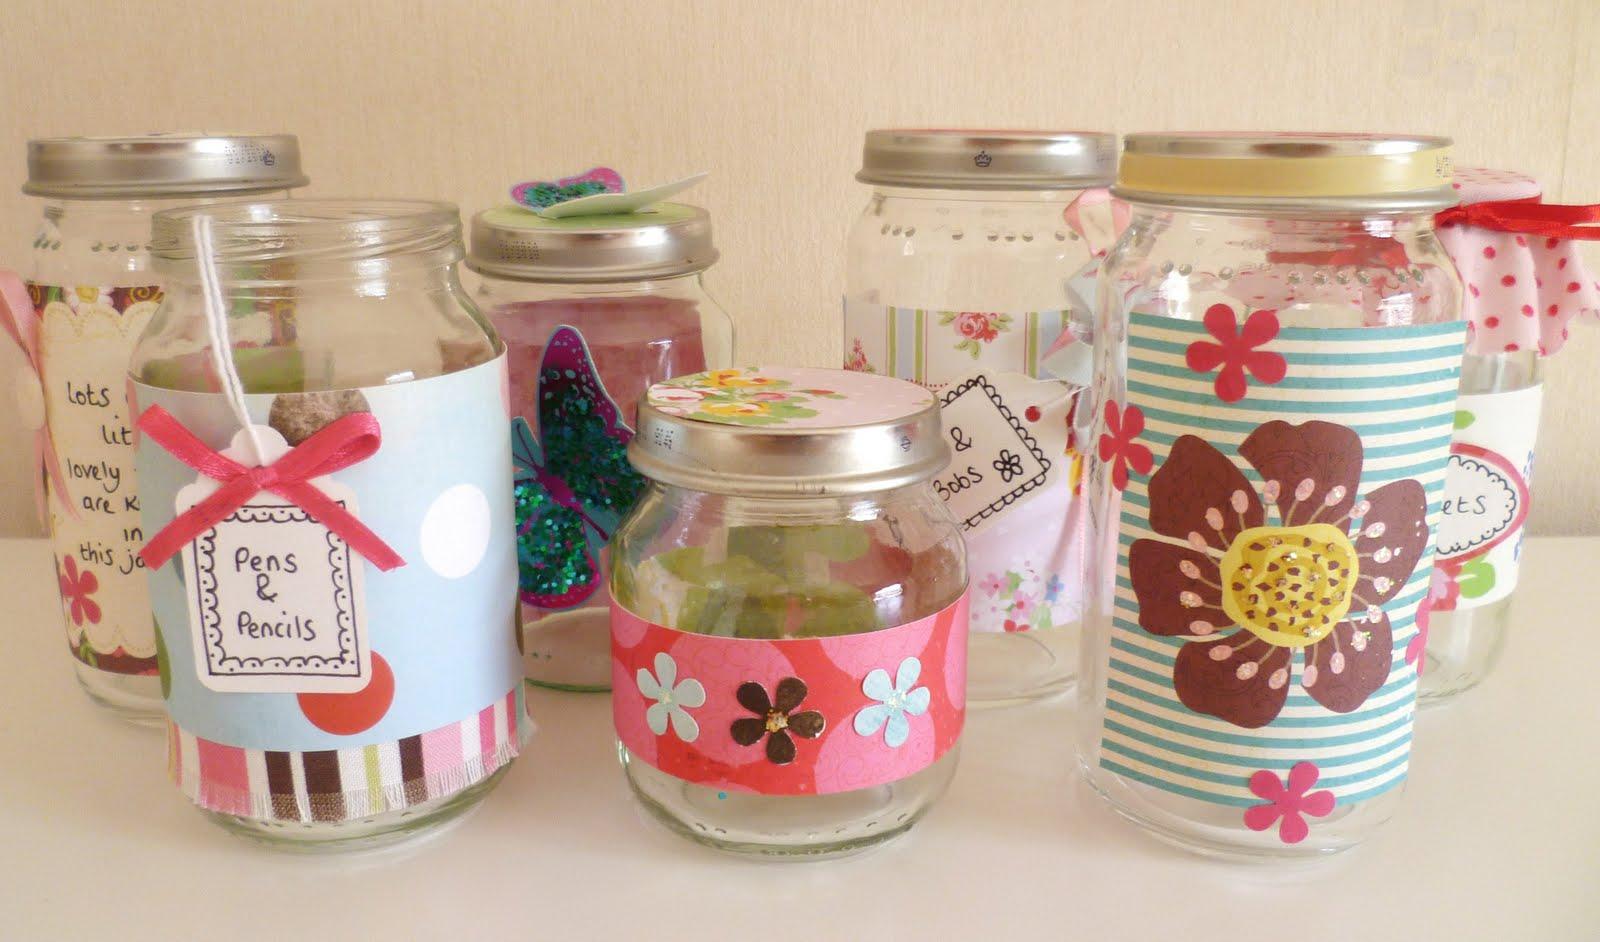 sew crafty lisa jayne decorated jars